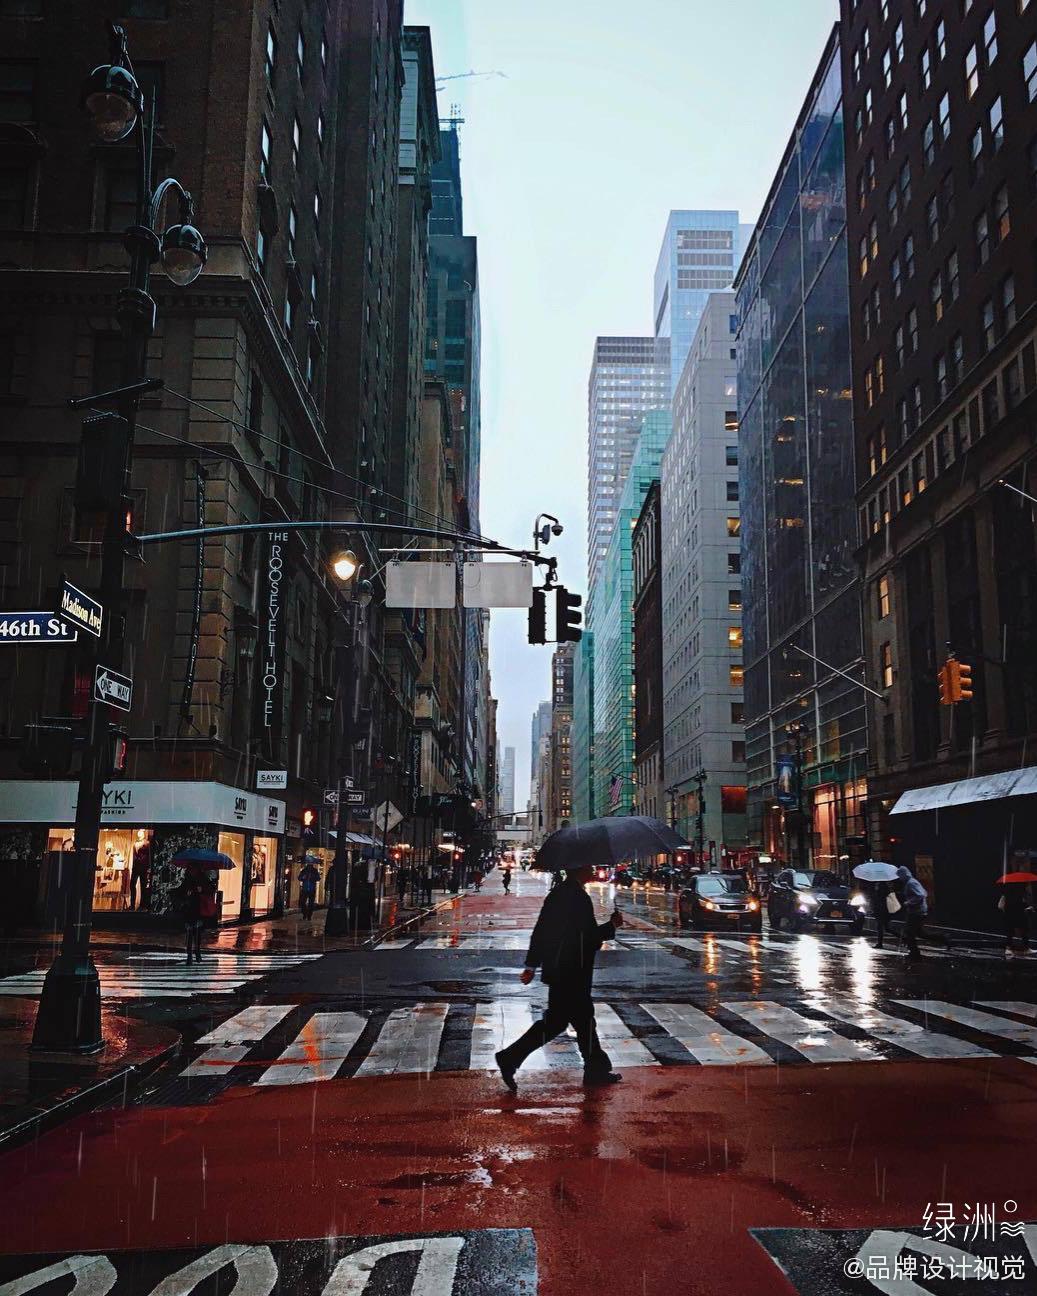 雨天忙碌的路人,穿梭在人群来来回回